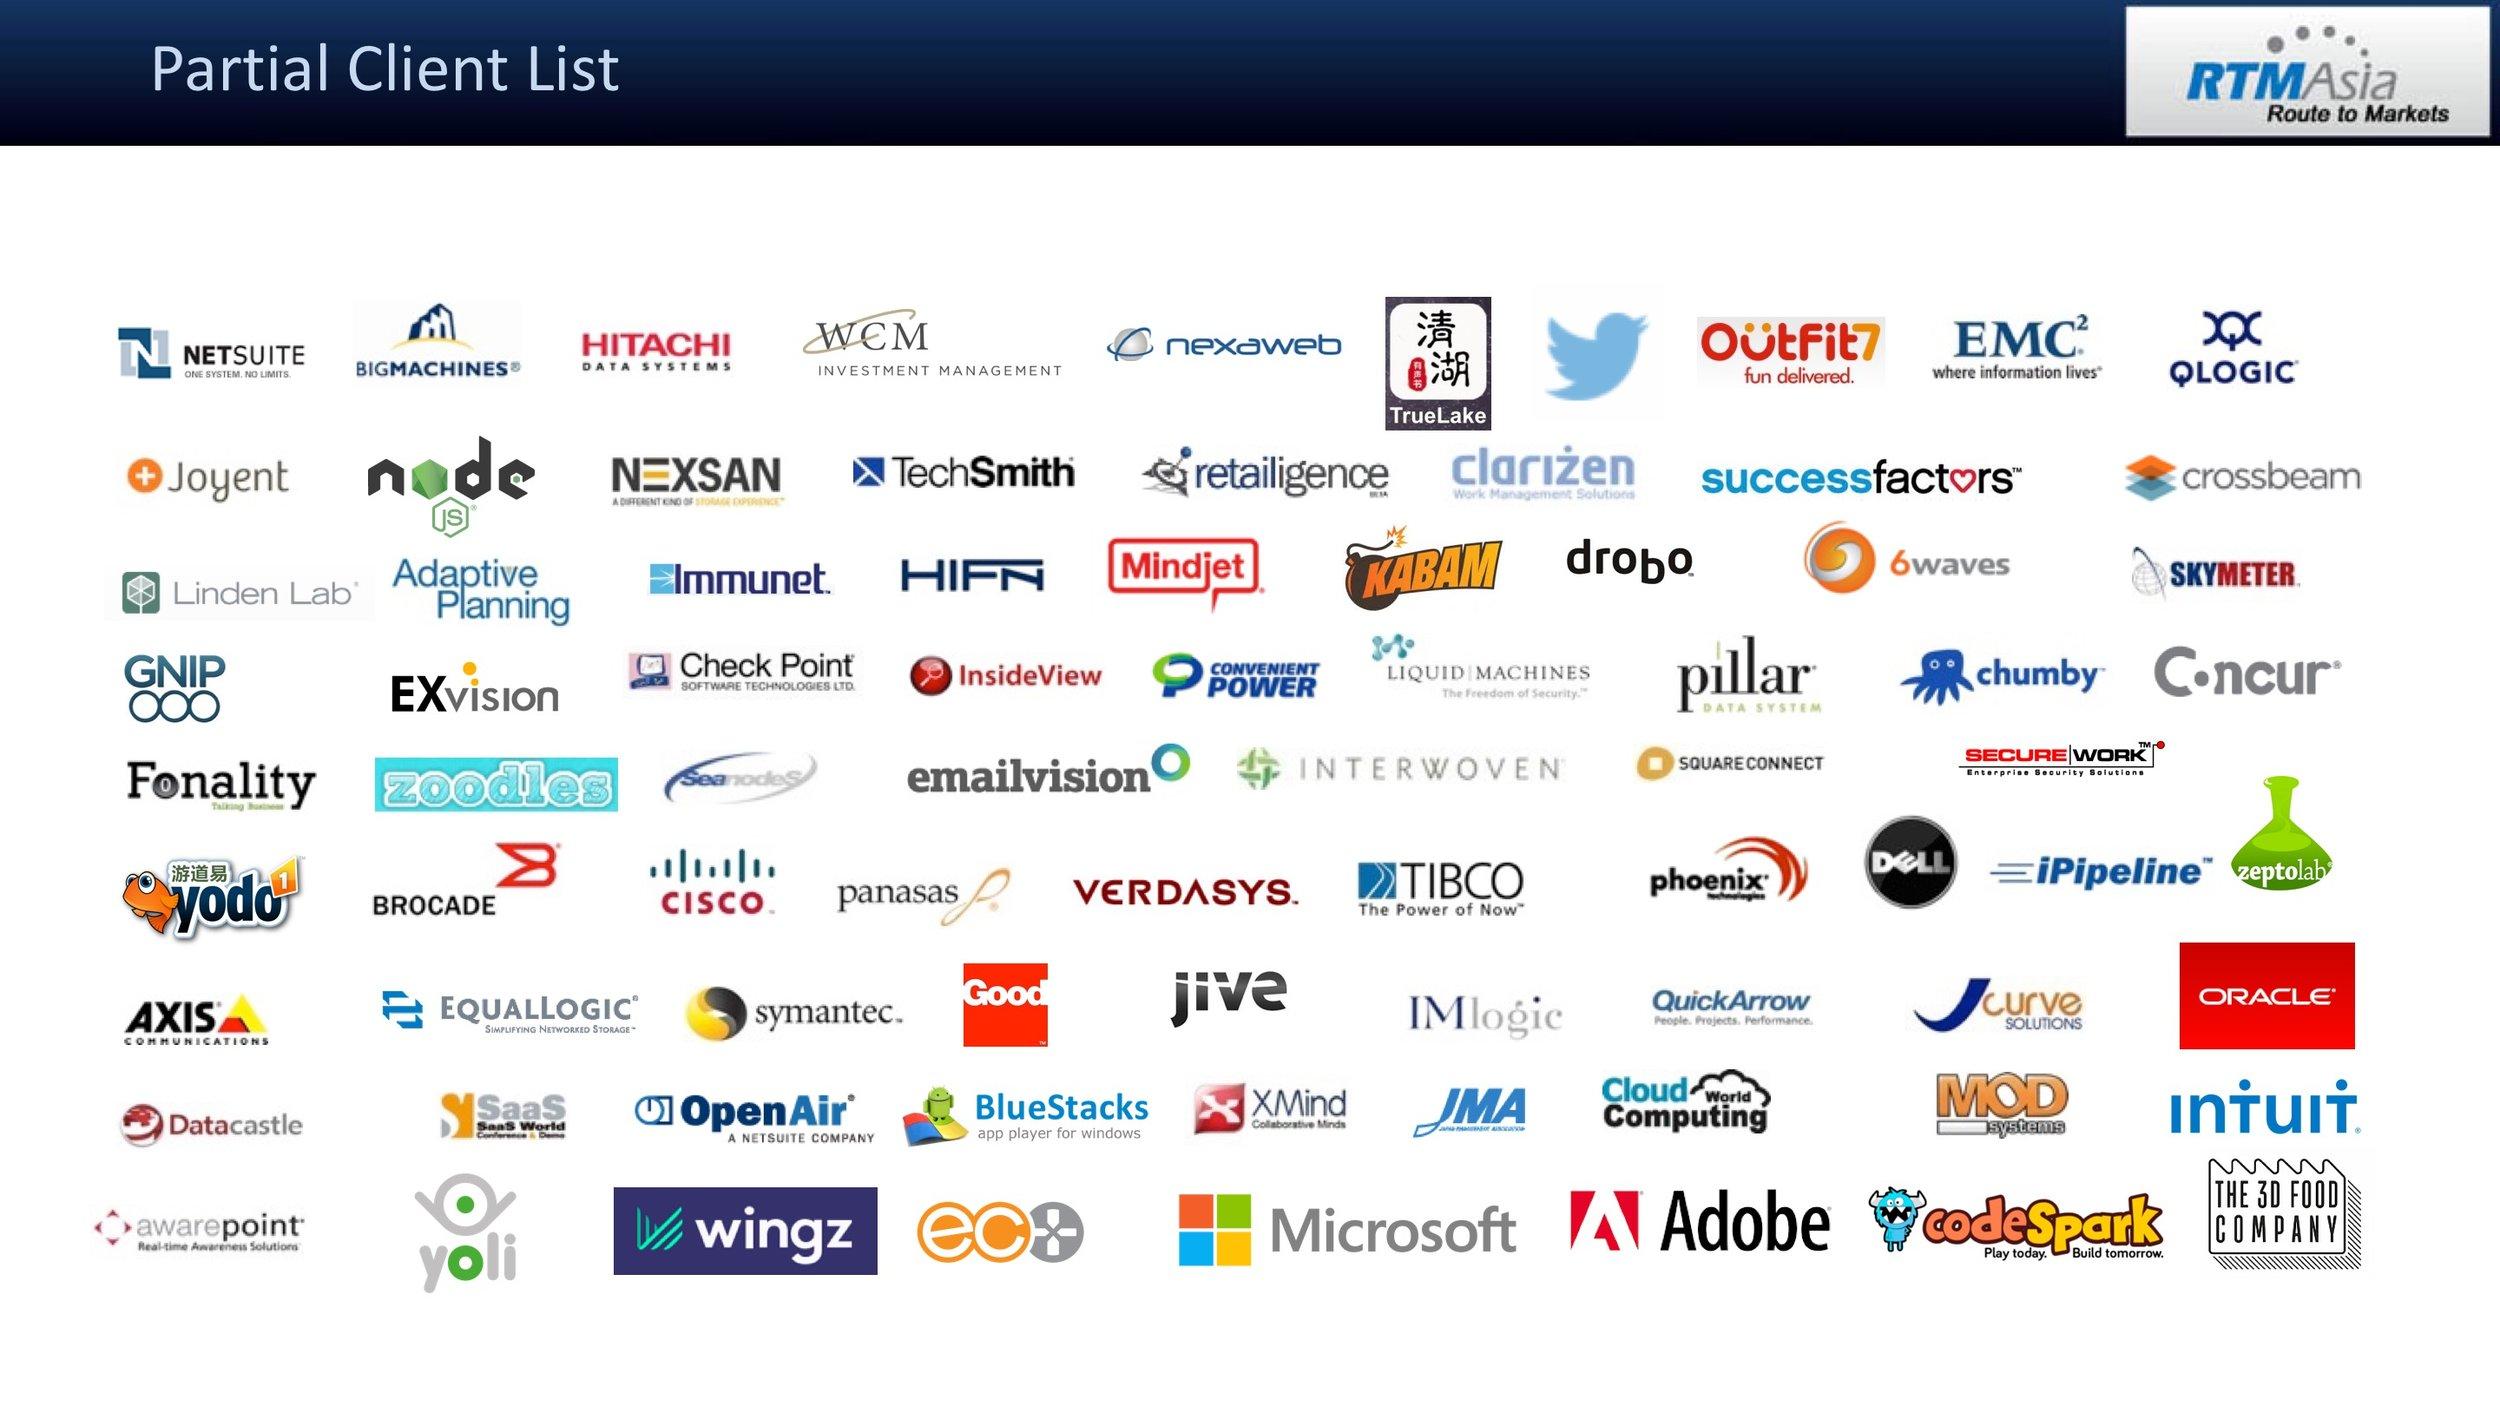 RTM Asia Partial Client List